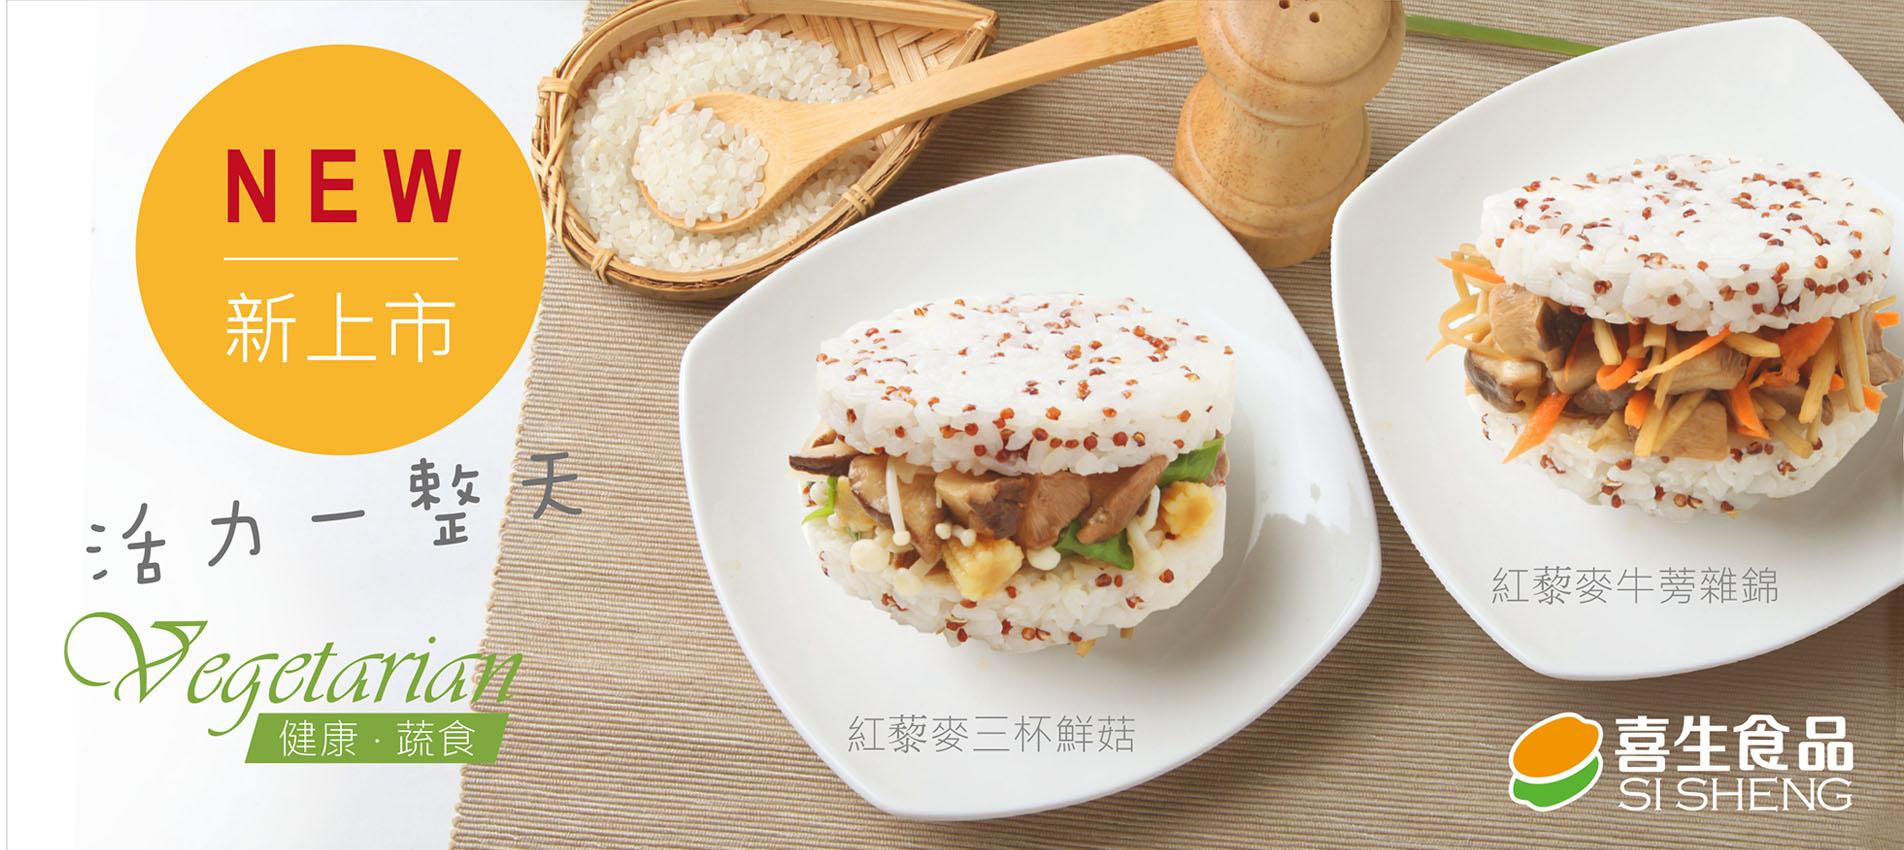 新商品上市 - 喜生米漢堡